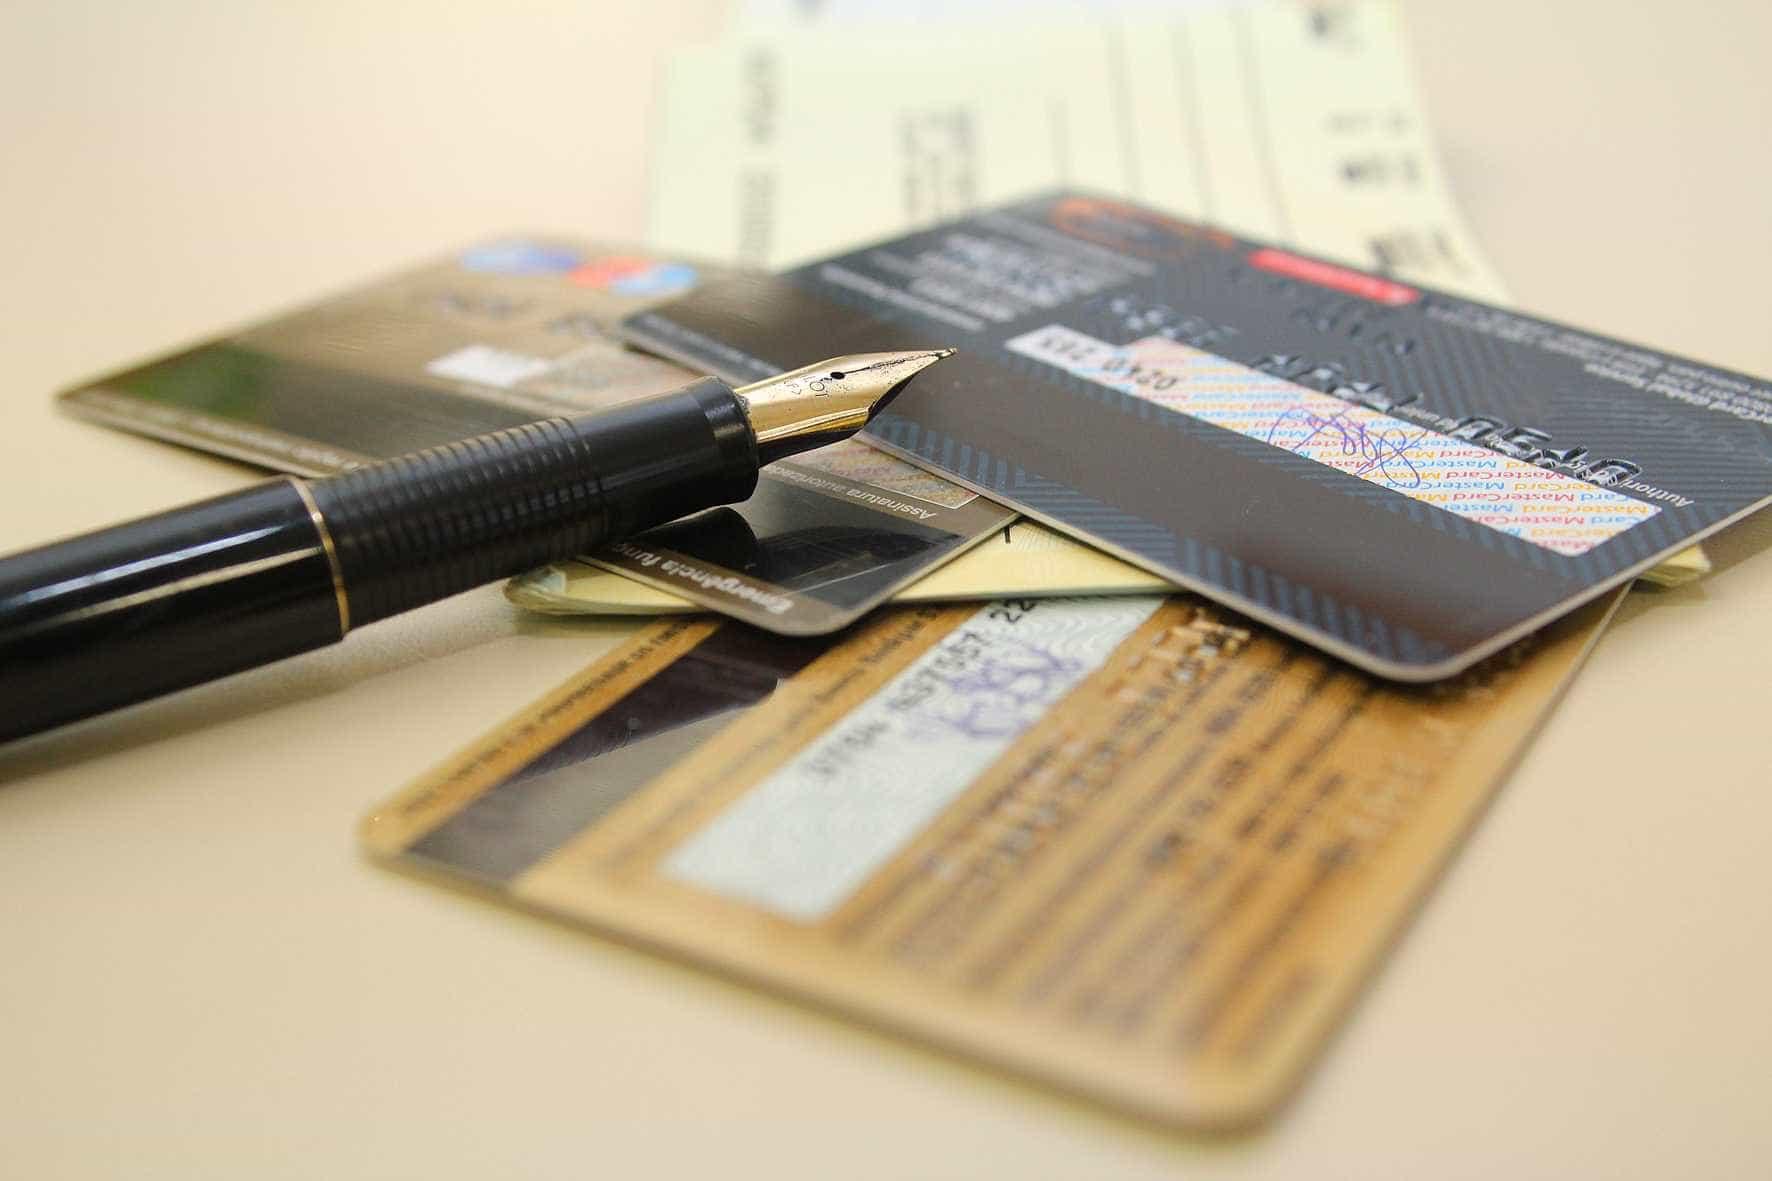 Como usar seu cartão de crédito de forma consciente? Veja dez dicas